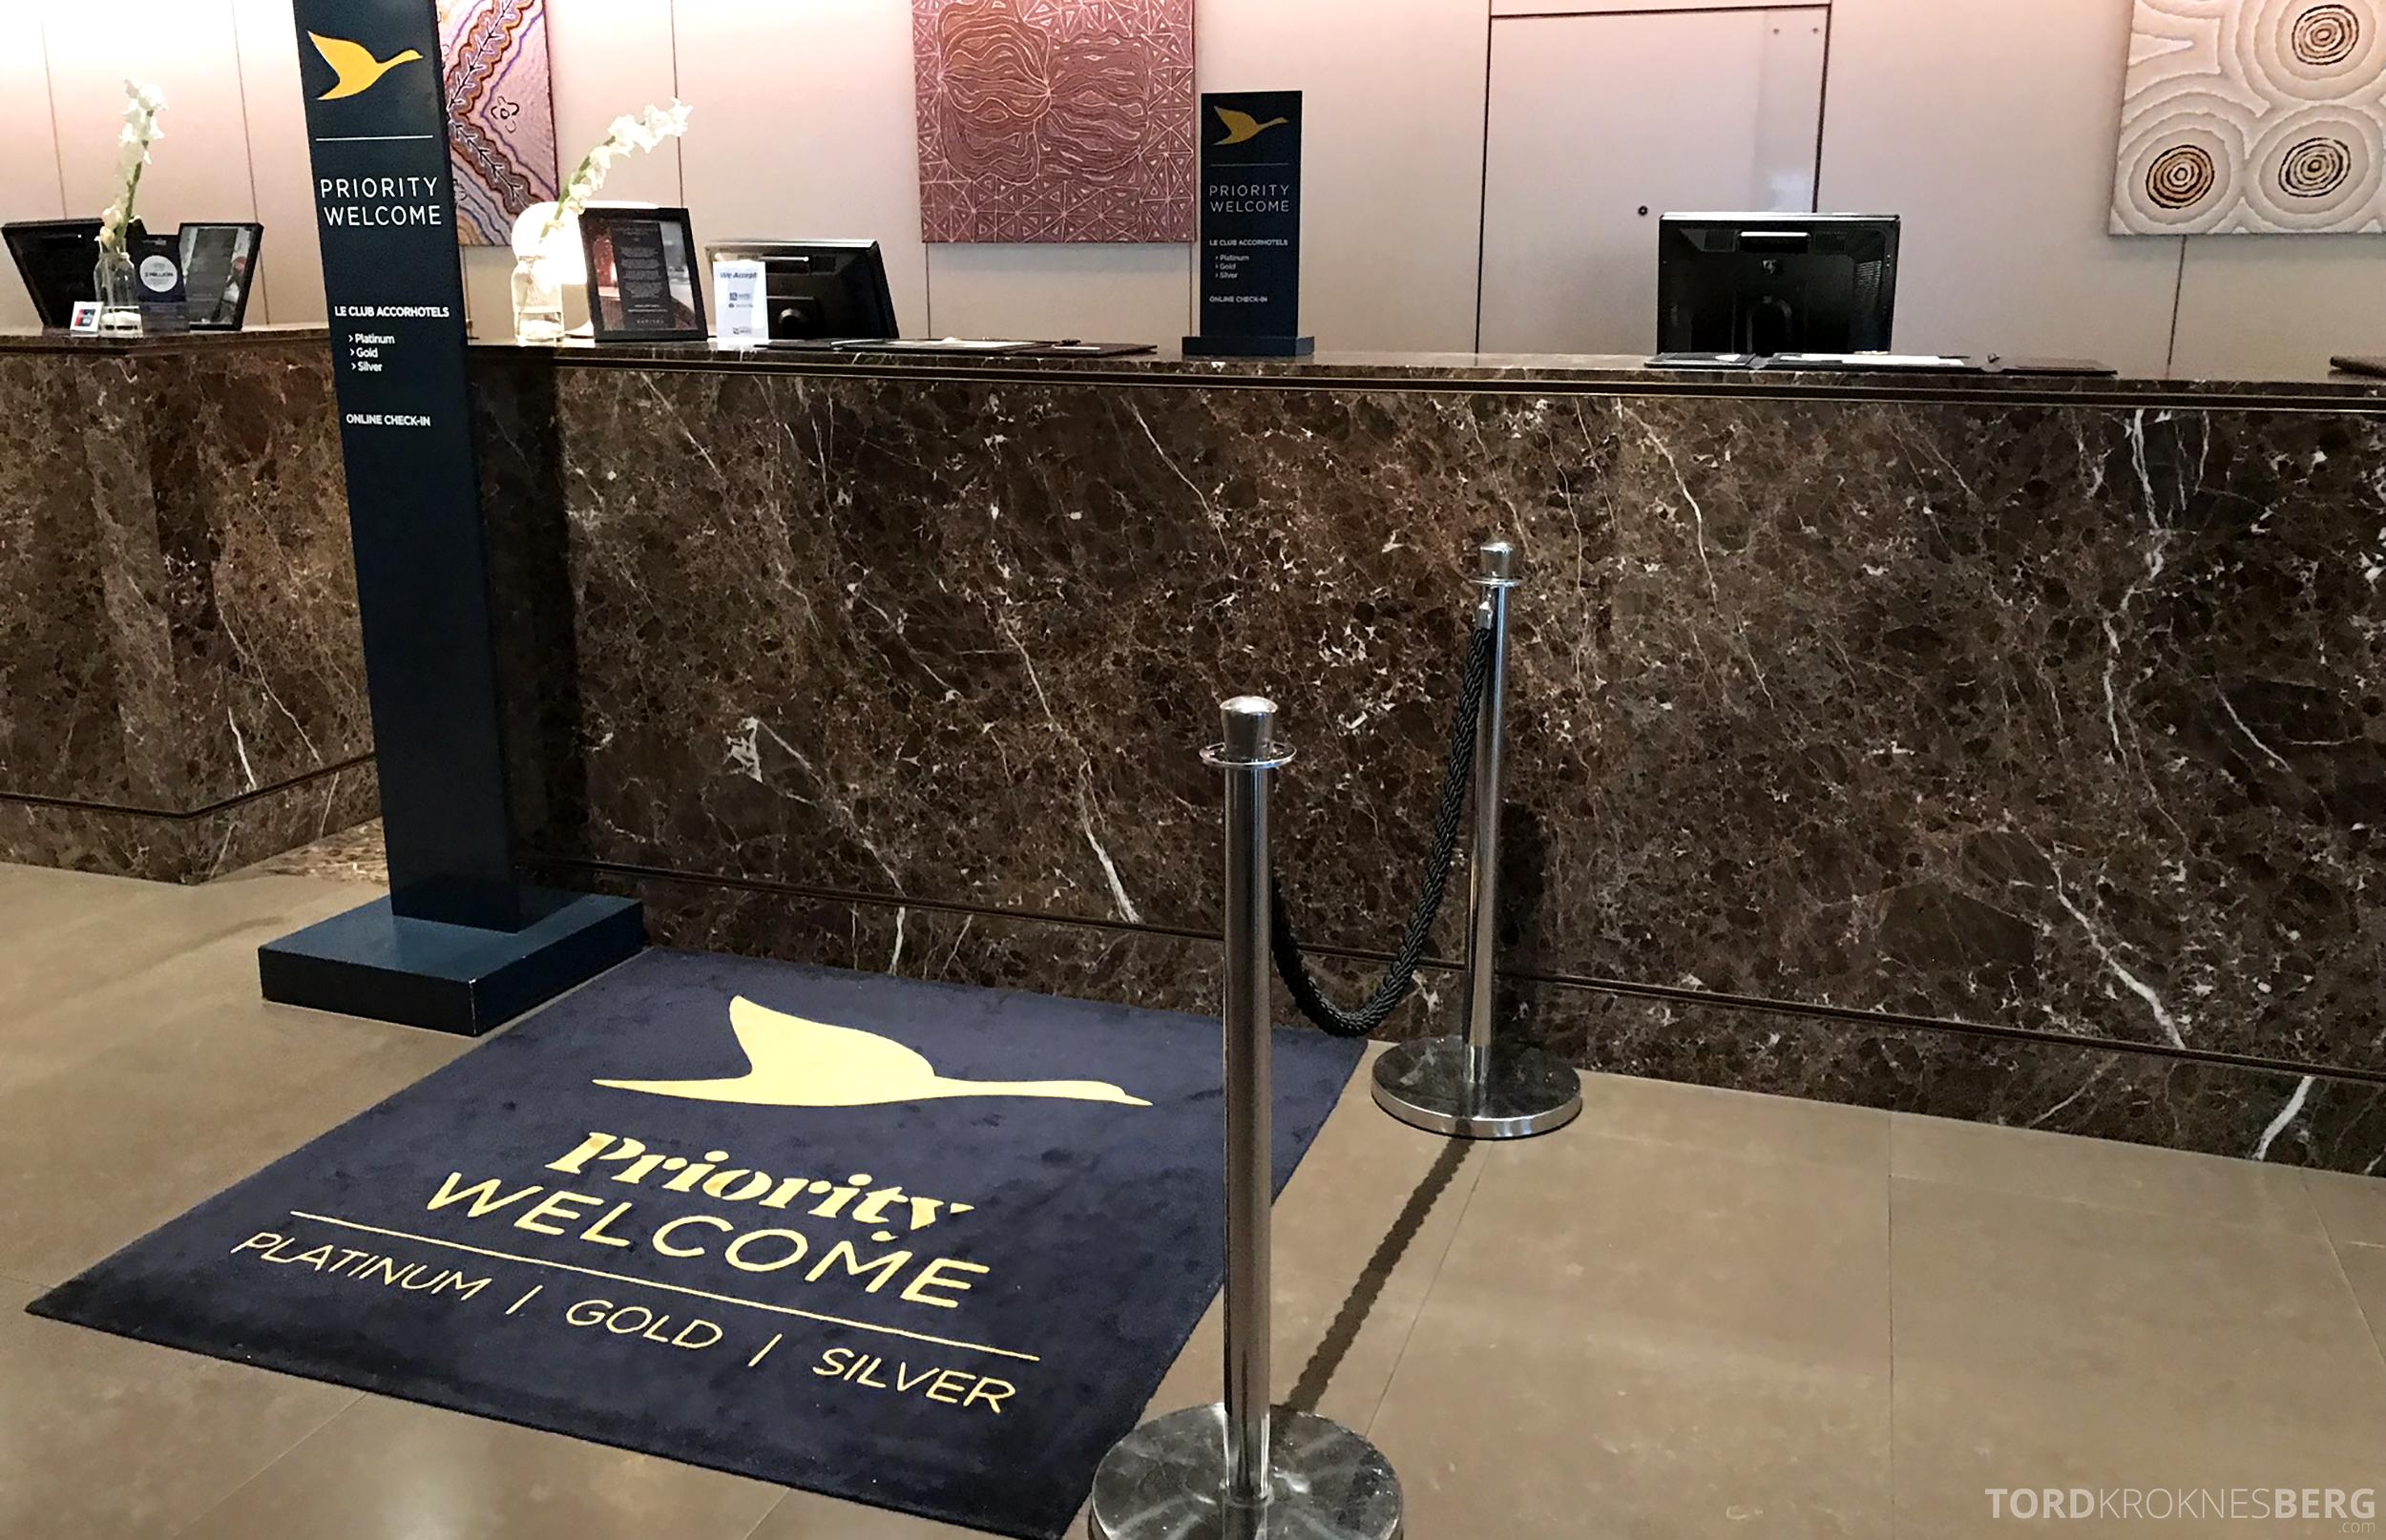 Sofitel Hotel Brisbane resepsjon gullmedlem